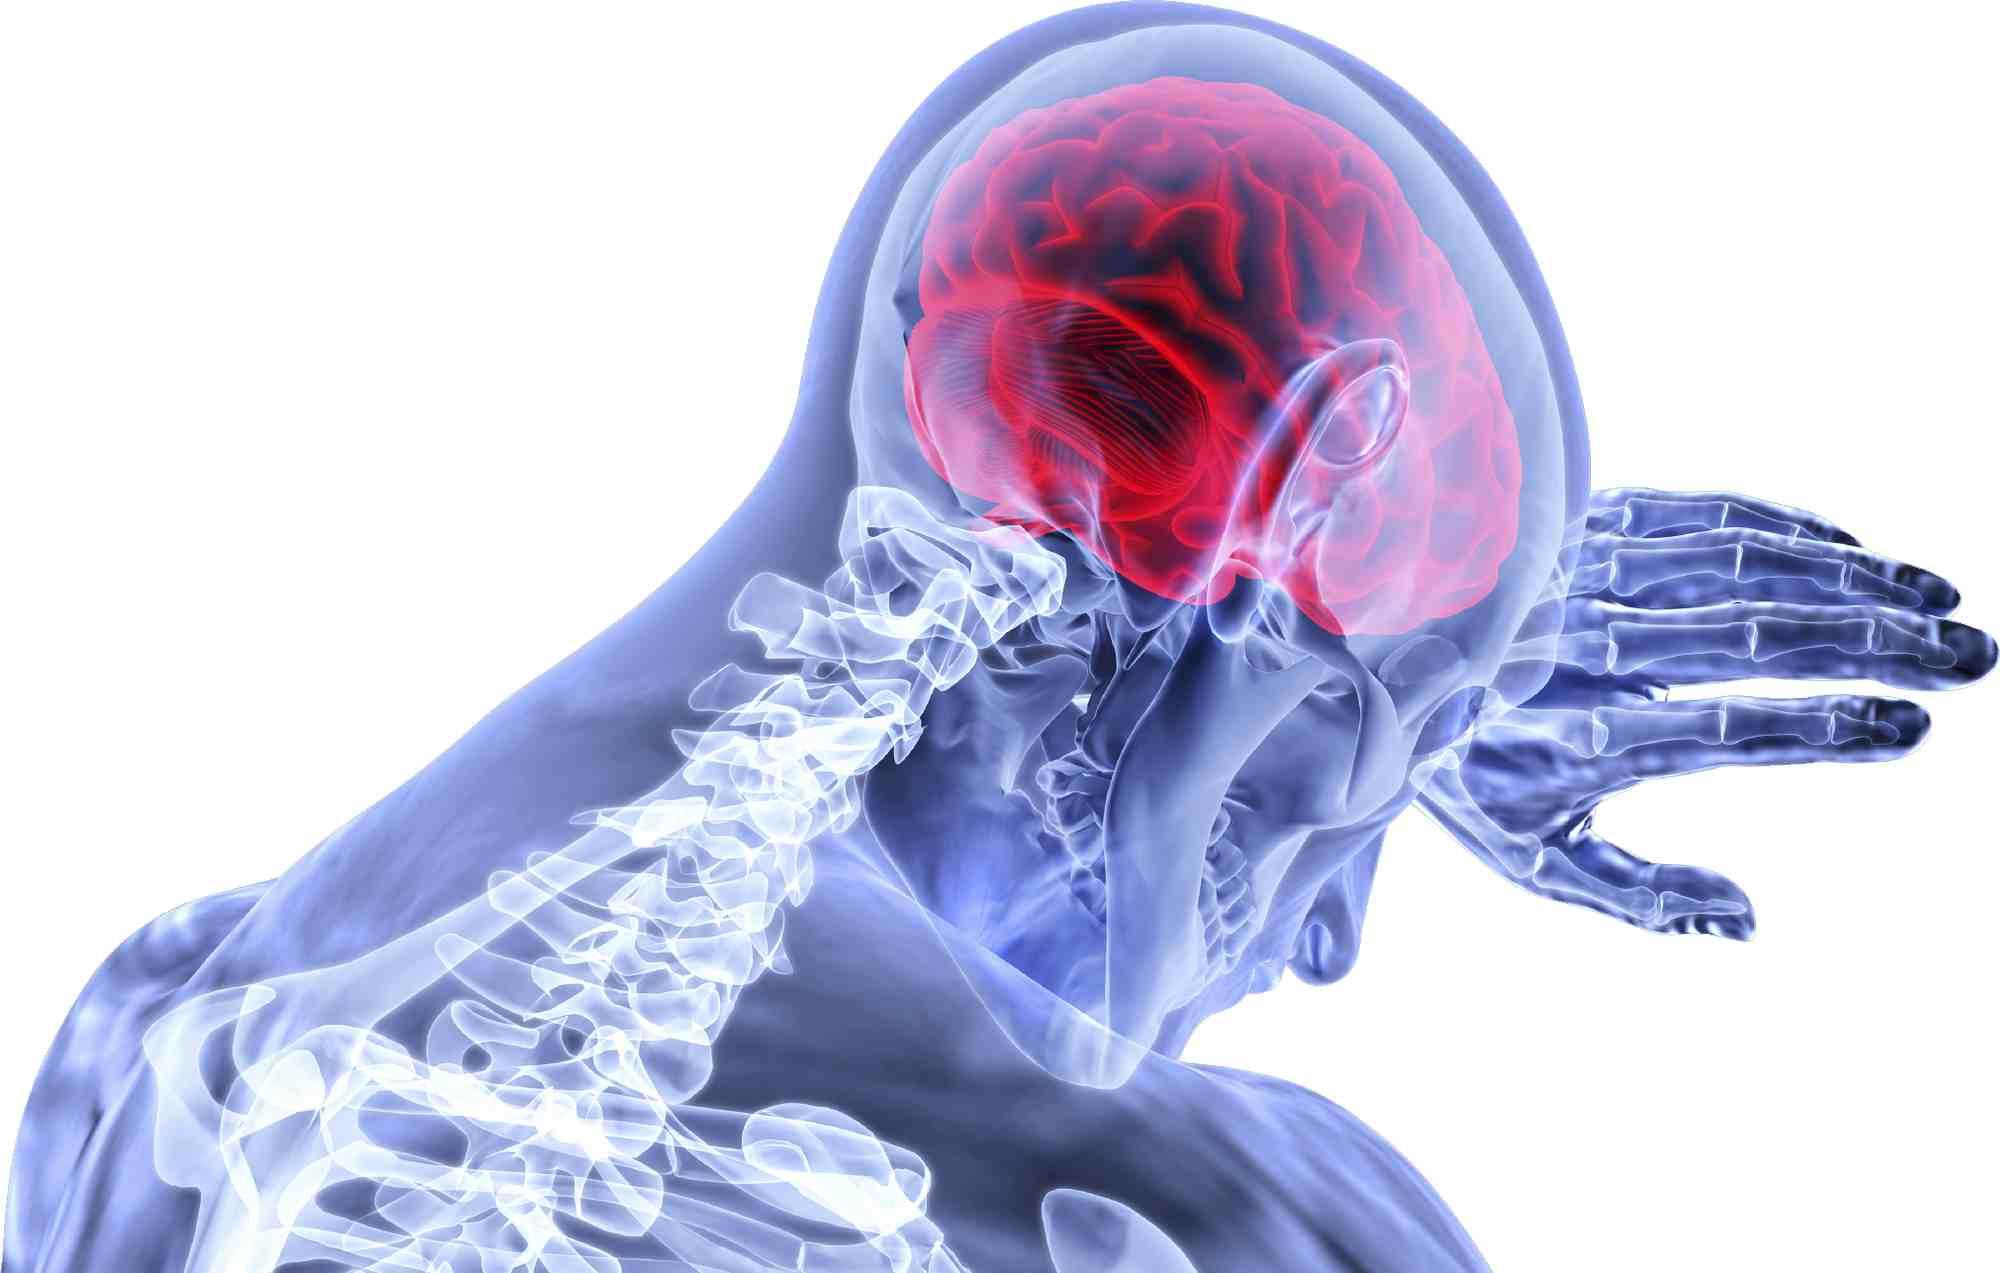 Grafika przedstawiająca system nerwowy i mózg